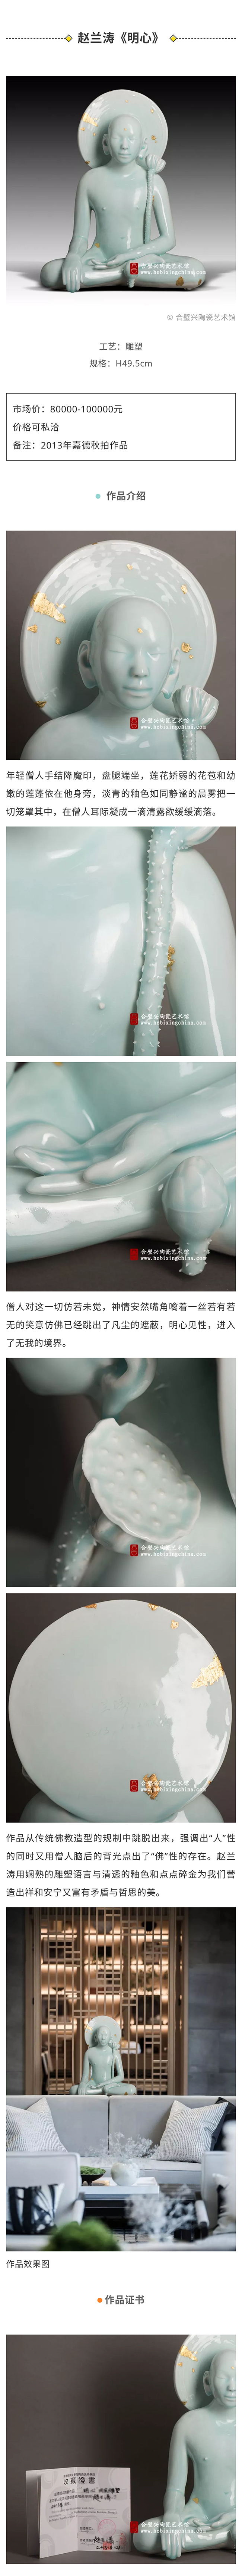 9赵兰涛-明心.jpg